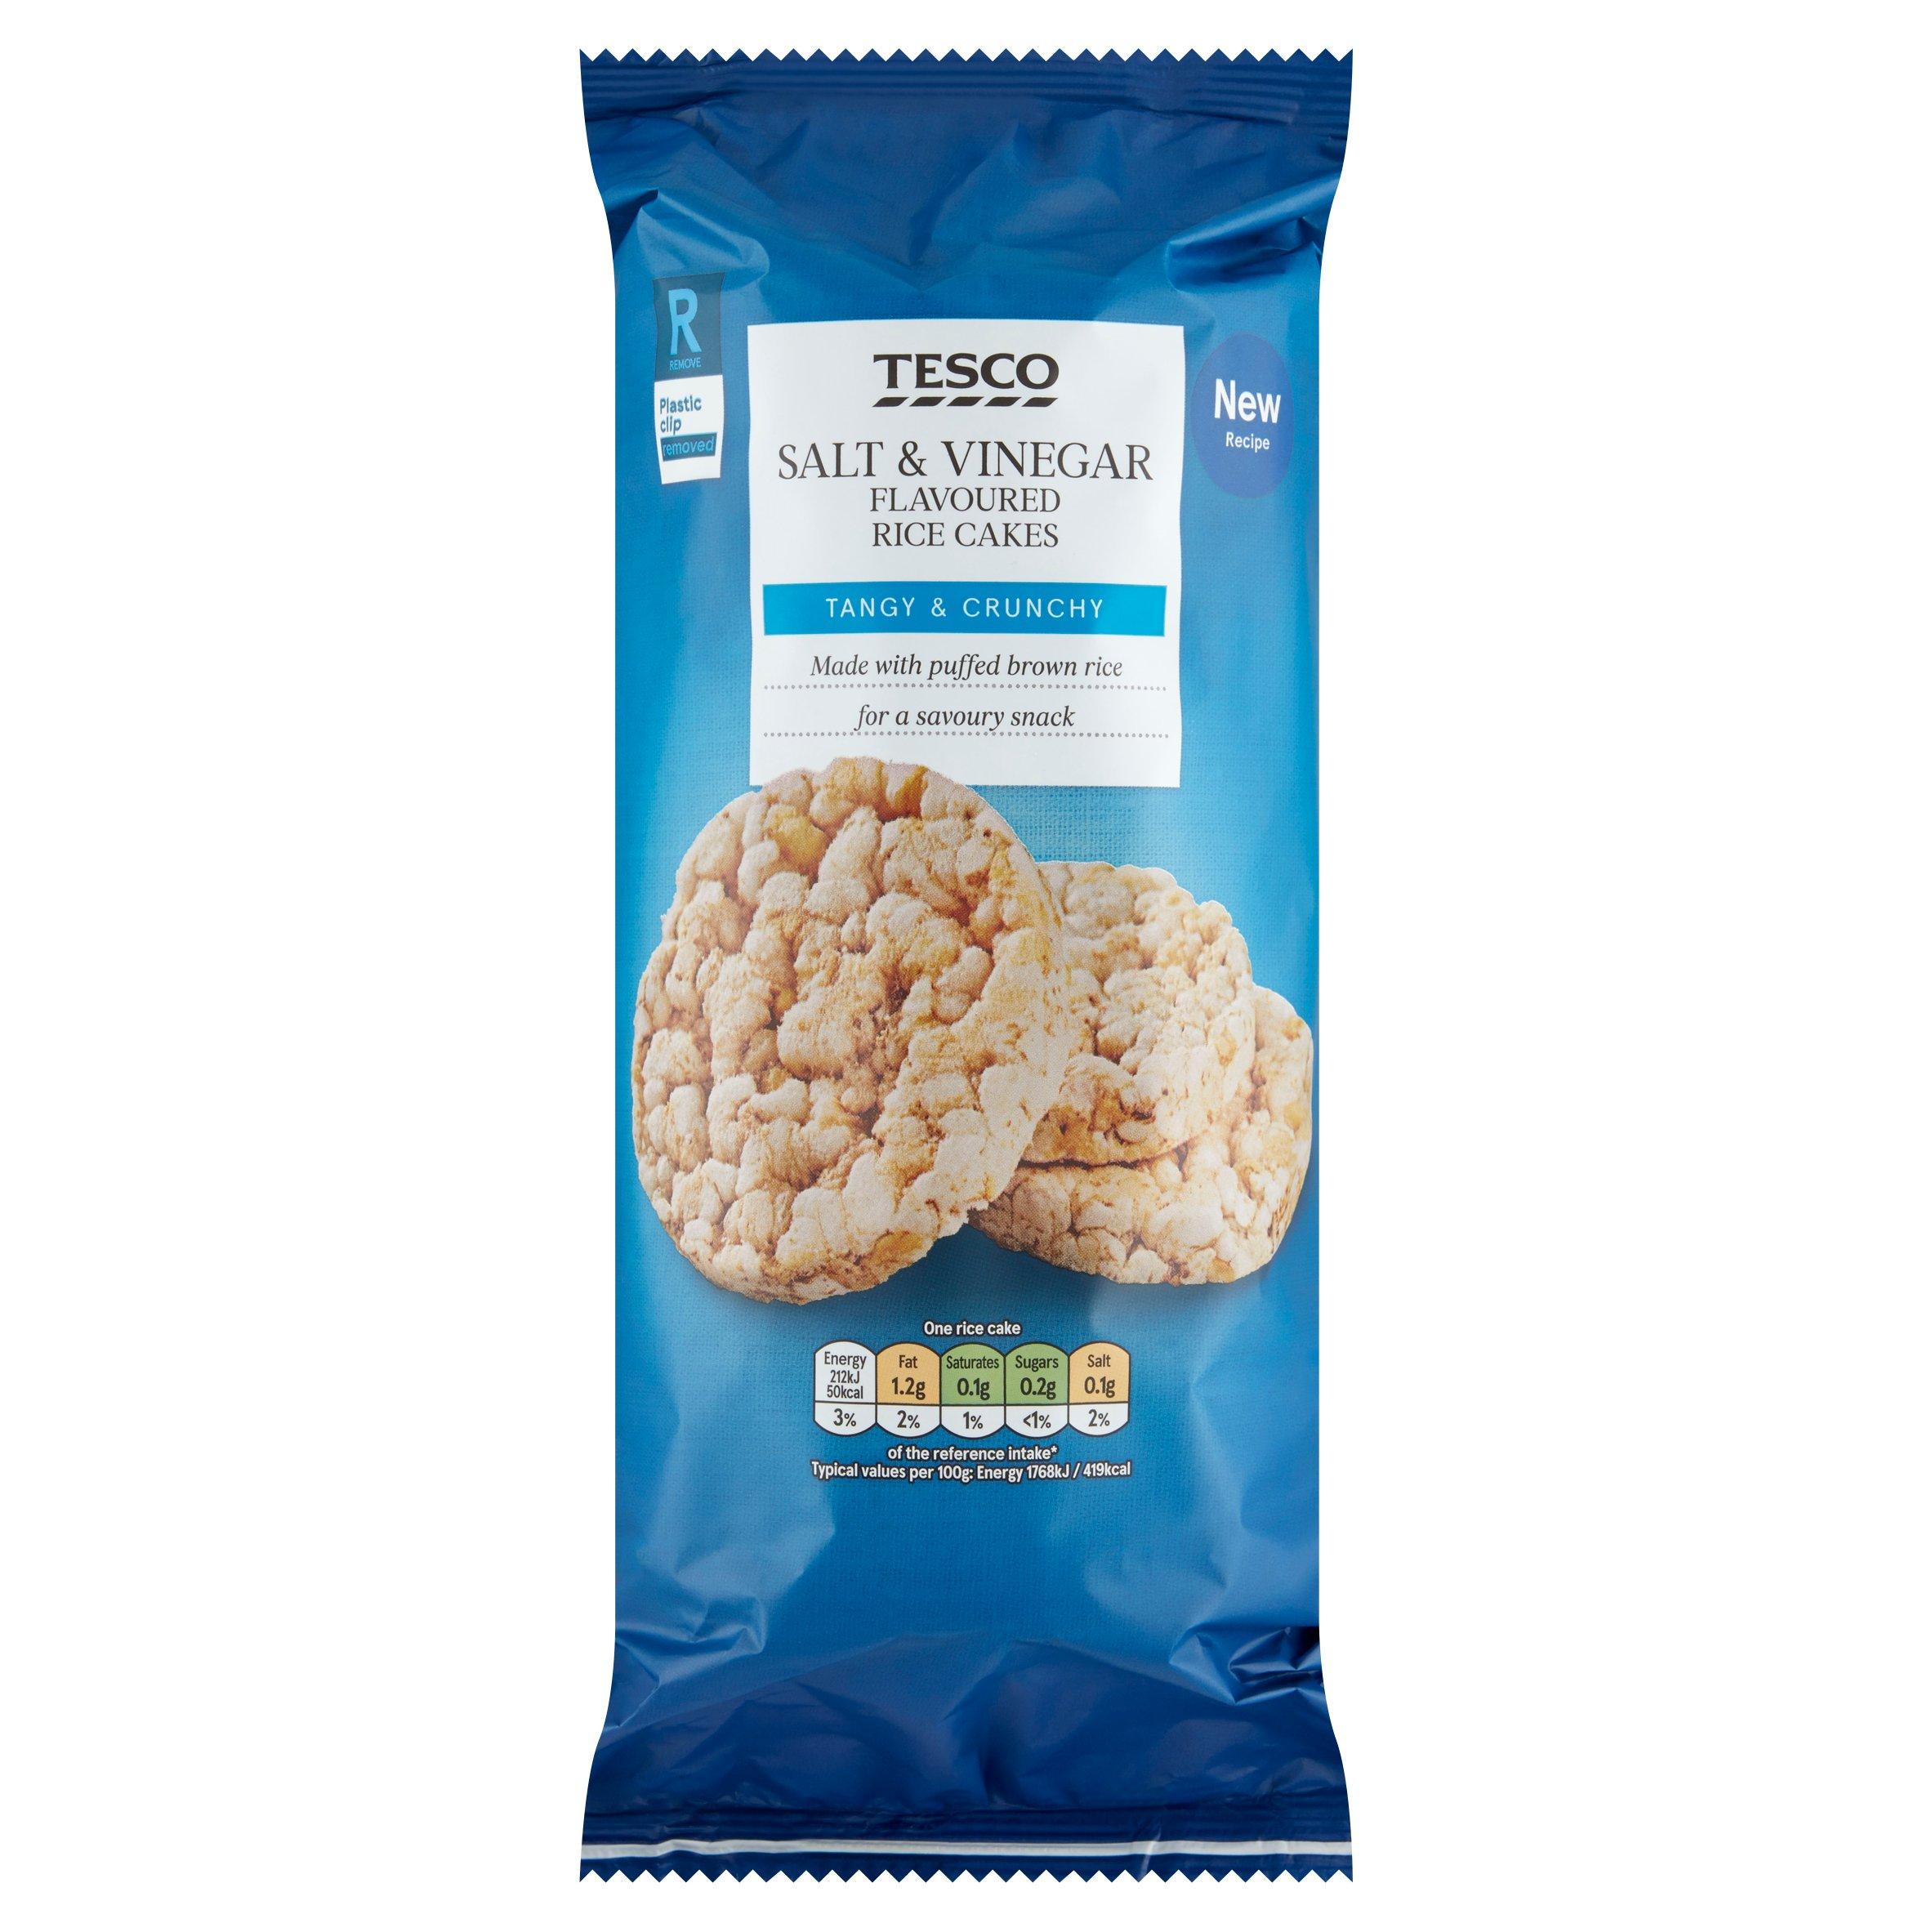 Tesco Salt & Vinegar Rice Cakes 133G